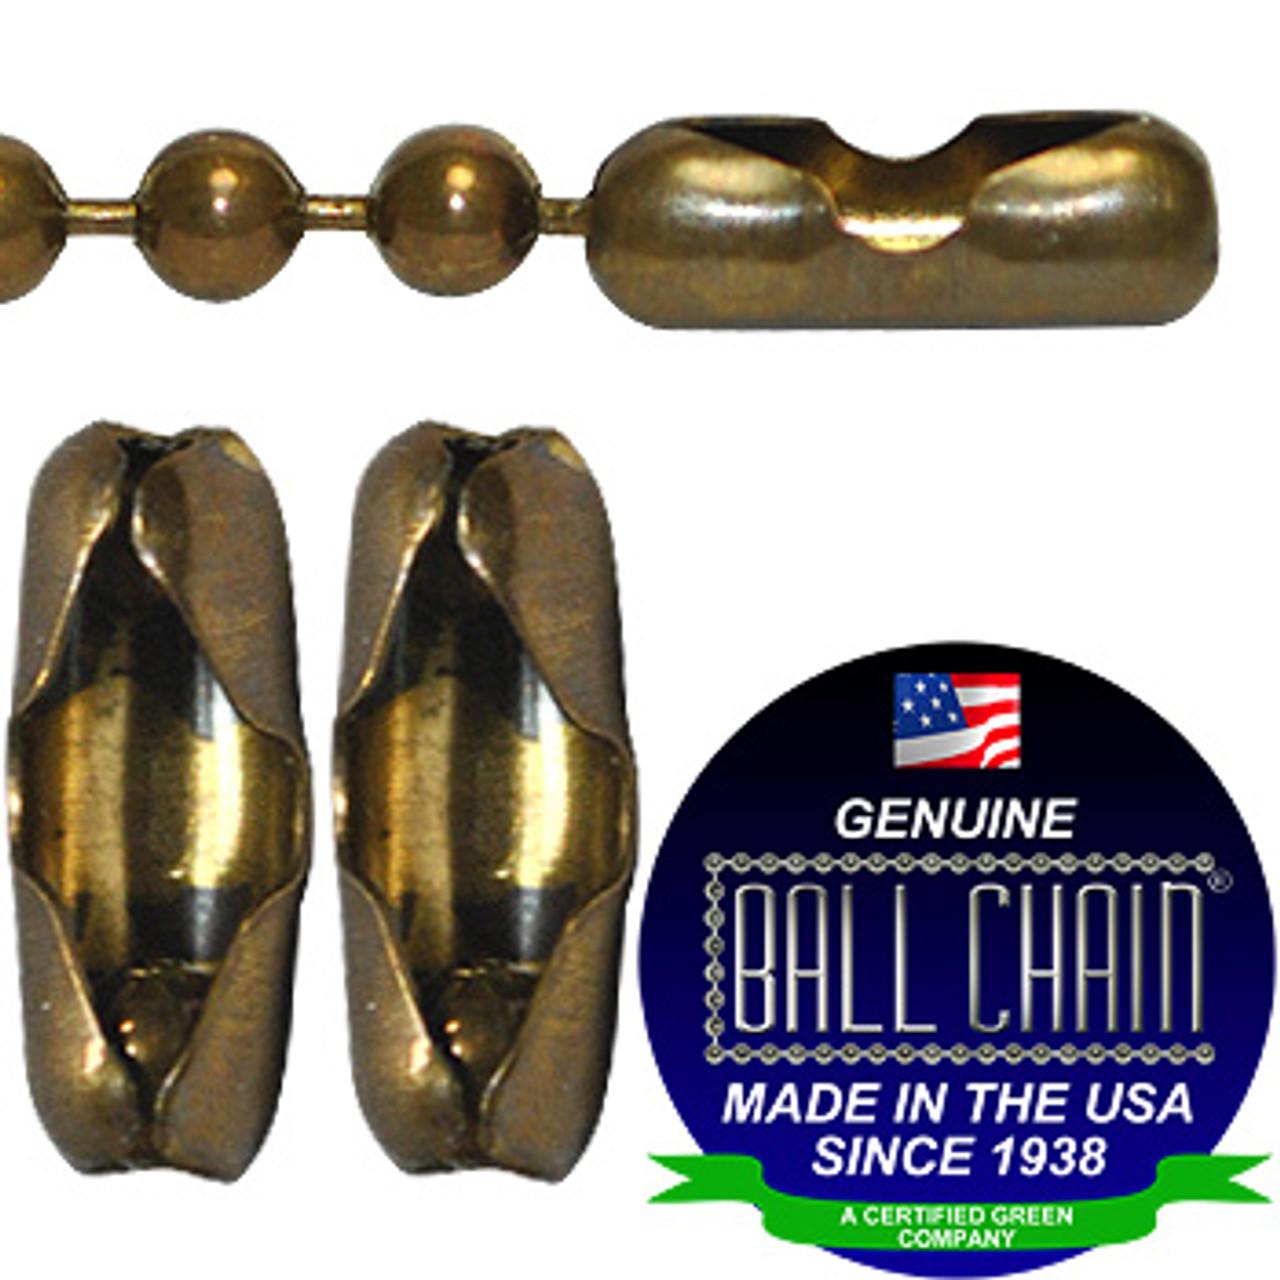 #3 Antique Brown Finish Connectors